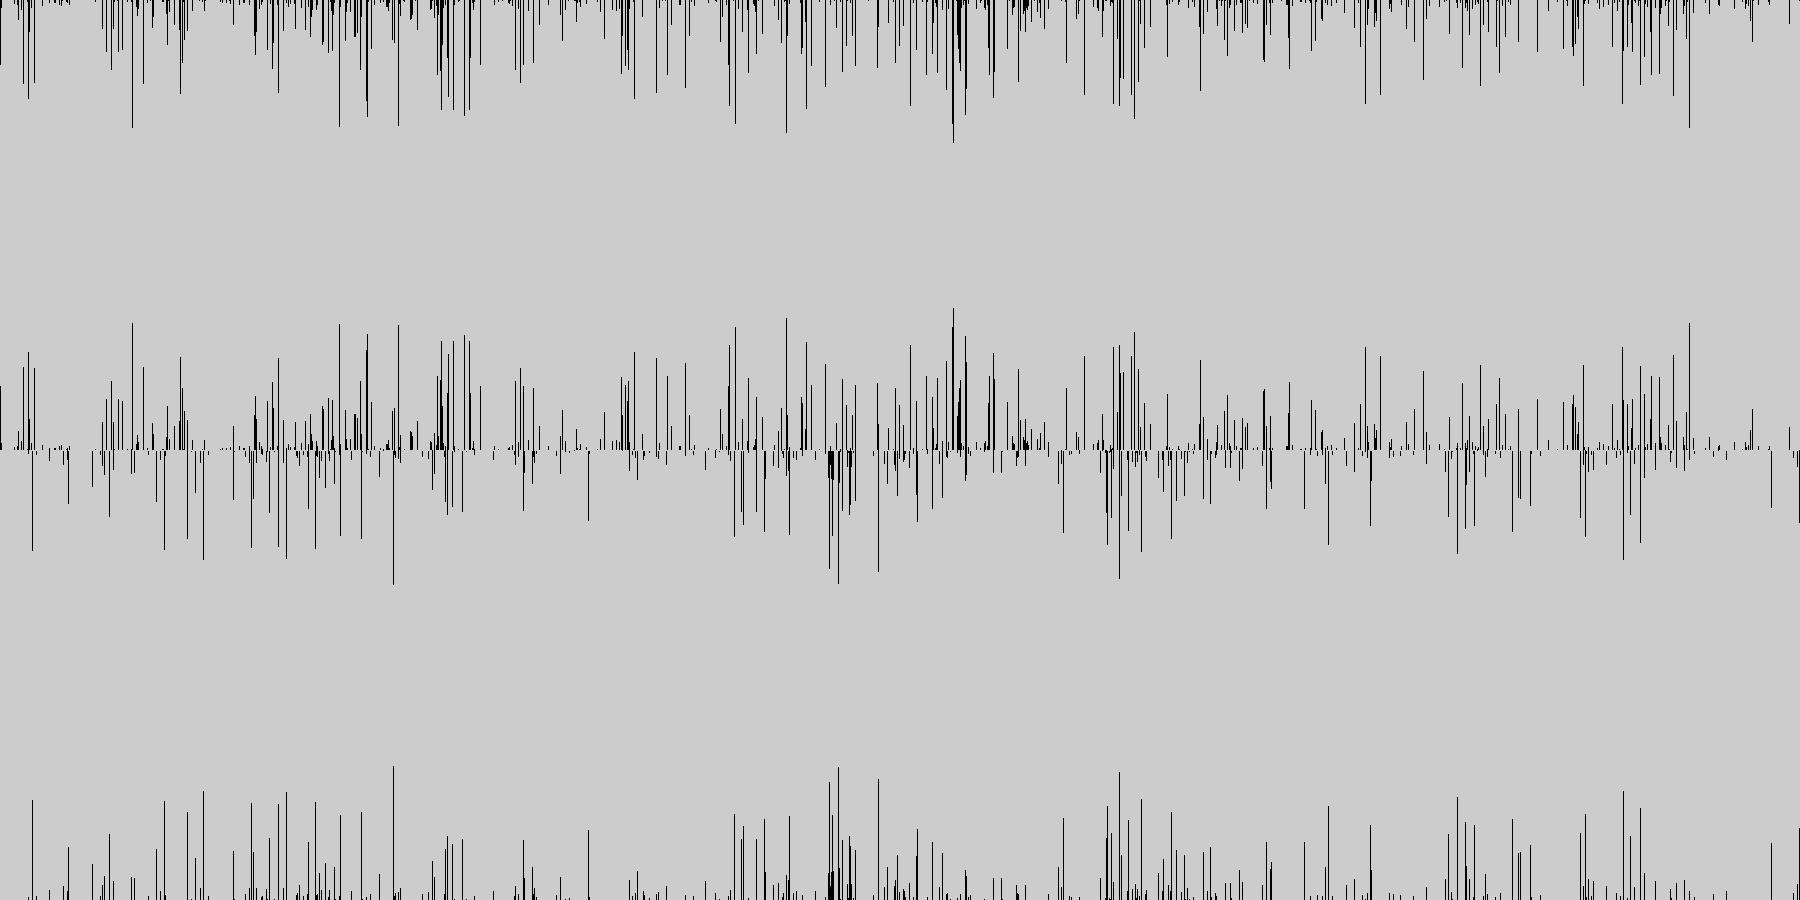 ズァァ。雨の音(どしゃぶり・短め)の未再生の波形